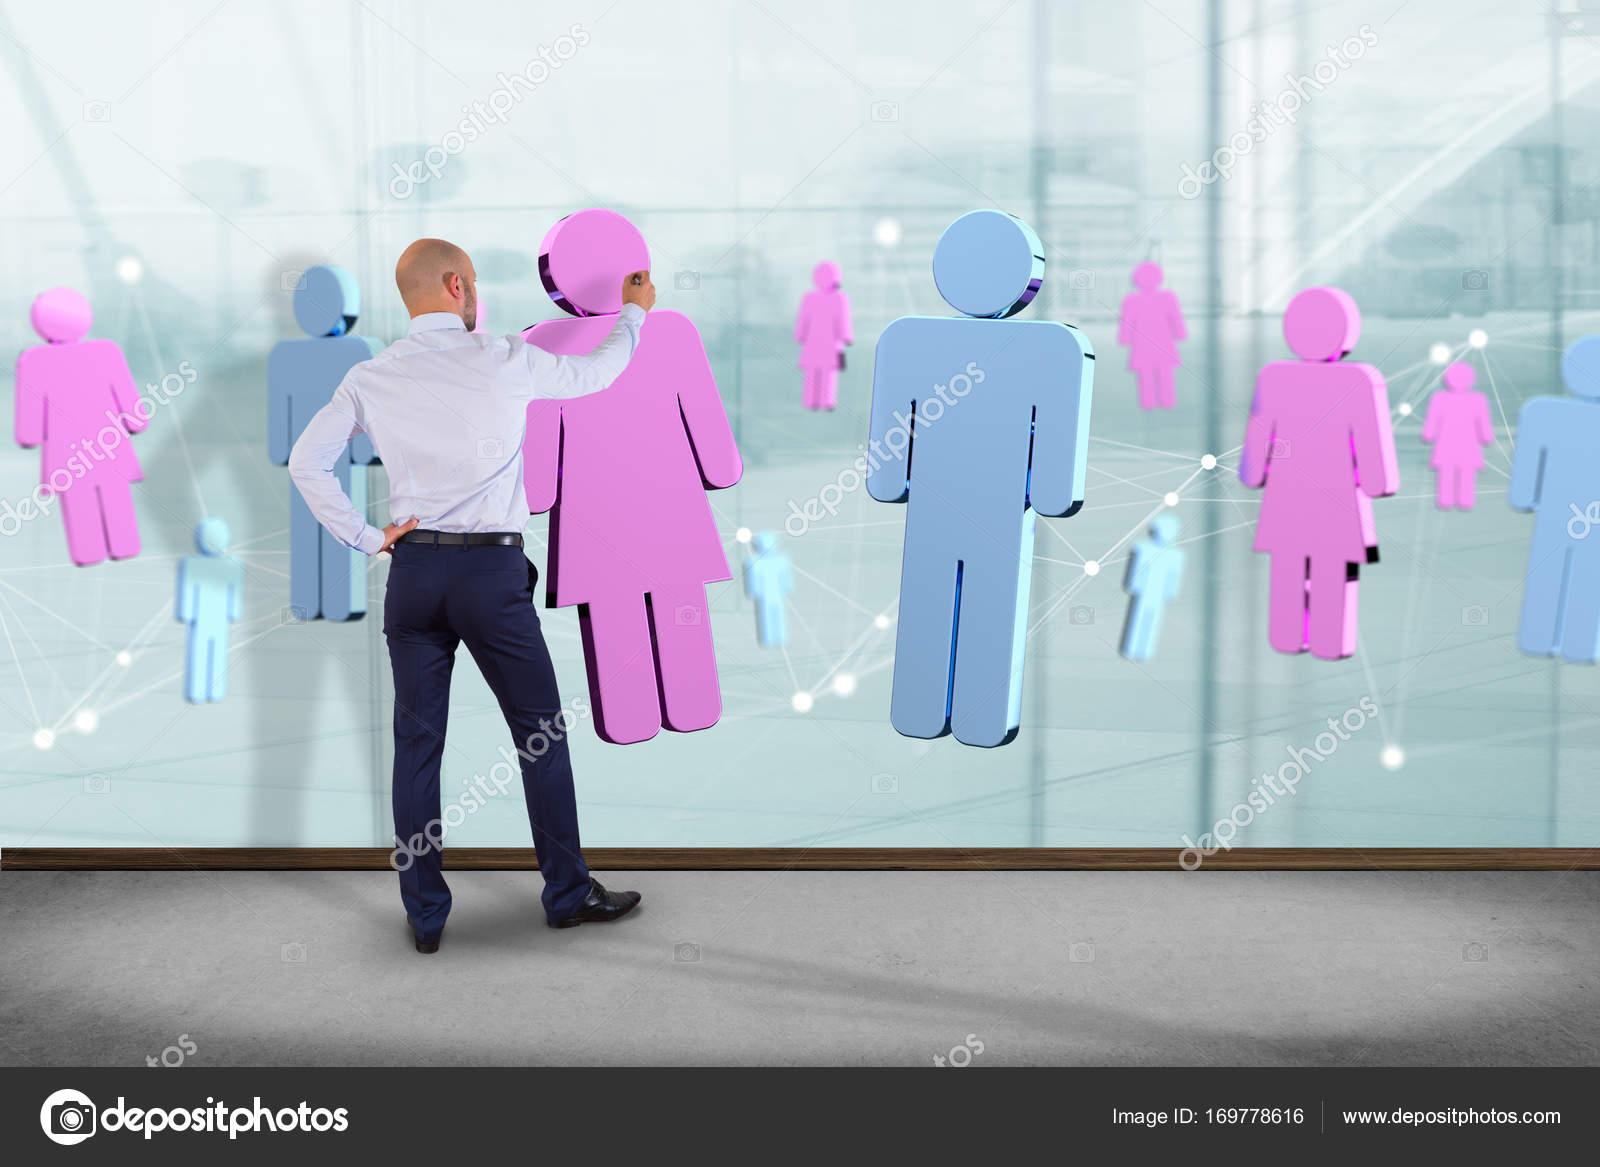 speaking, advise you Treffen mit frauen über 50 excellent idea and duly